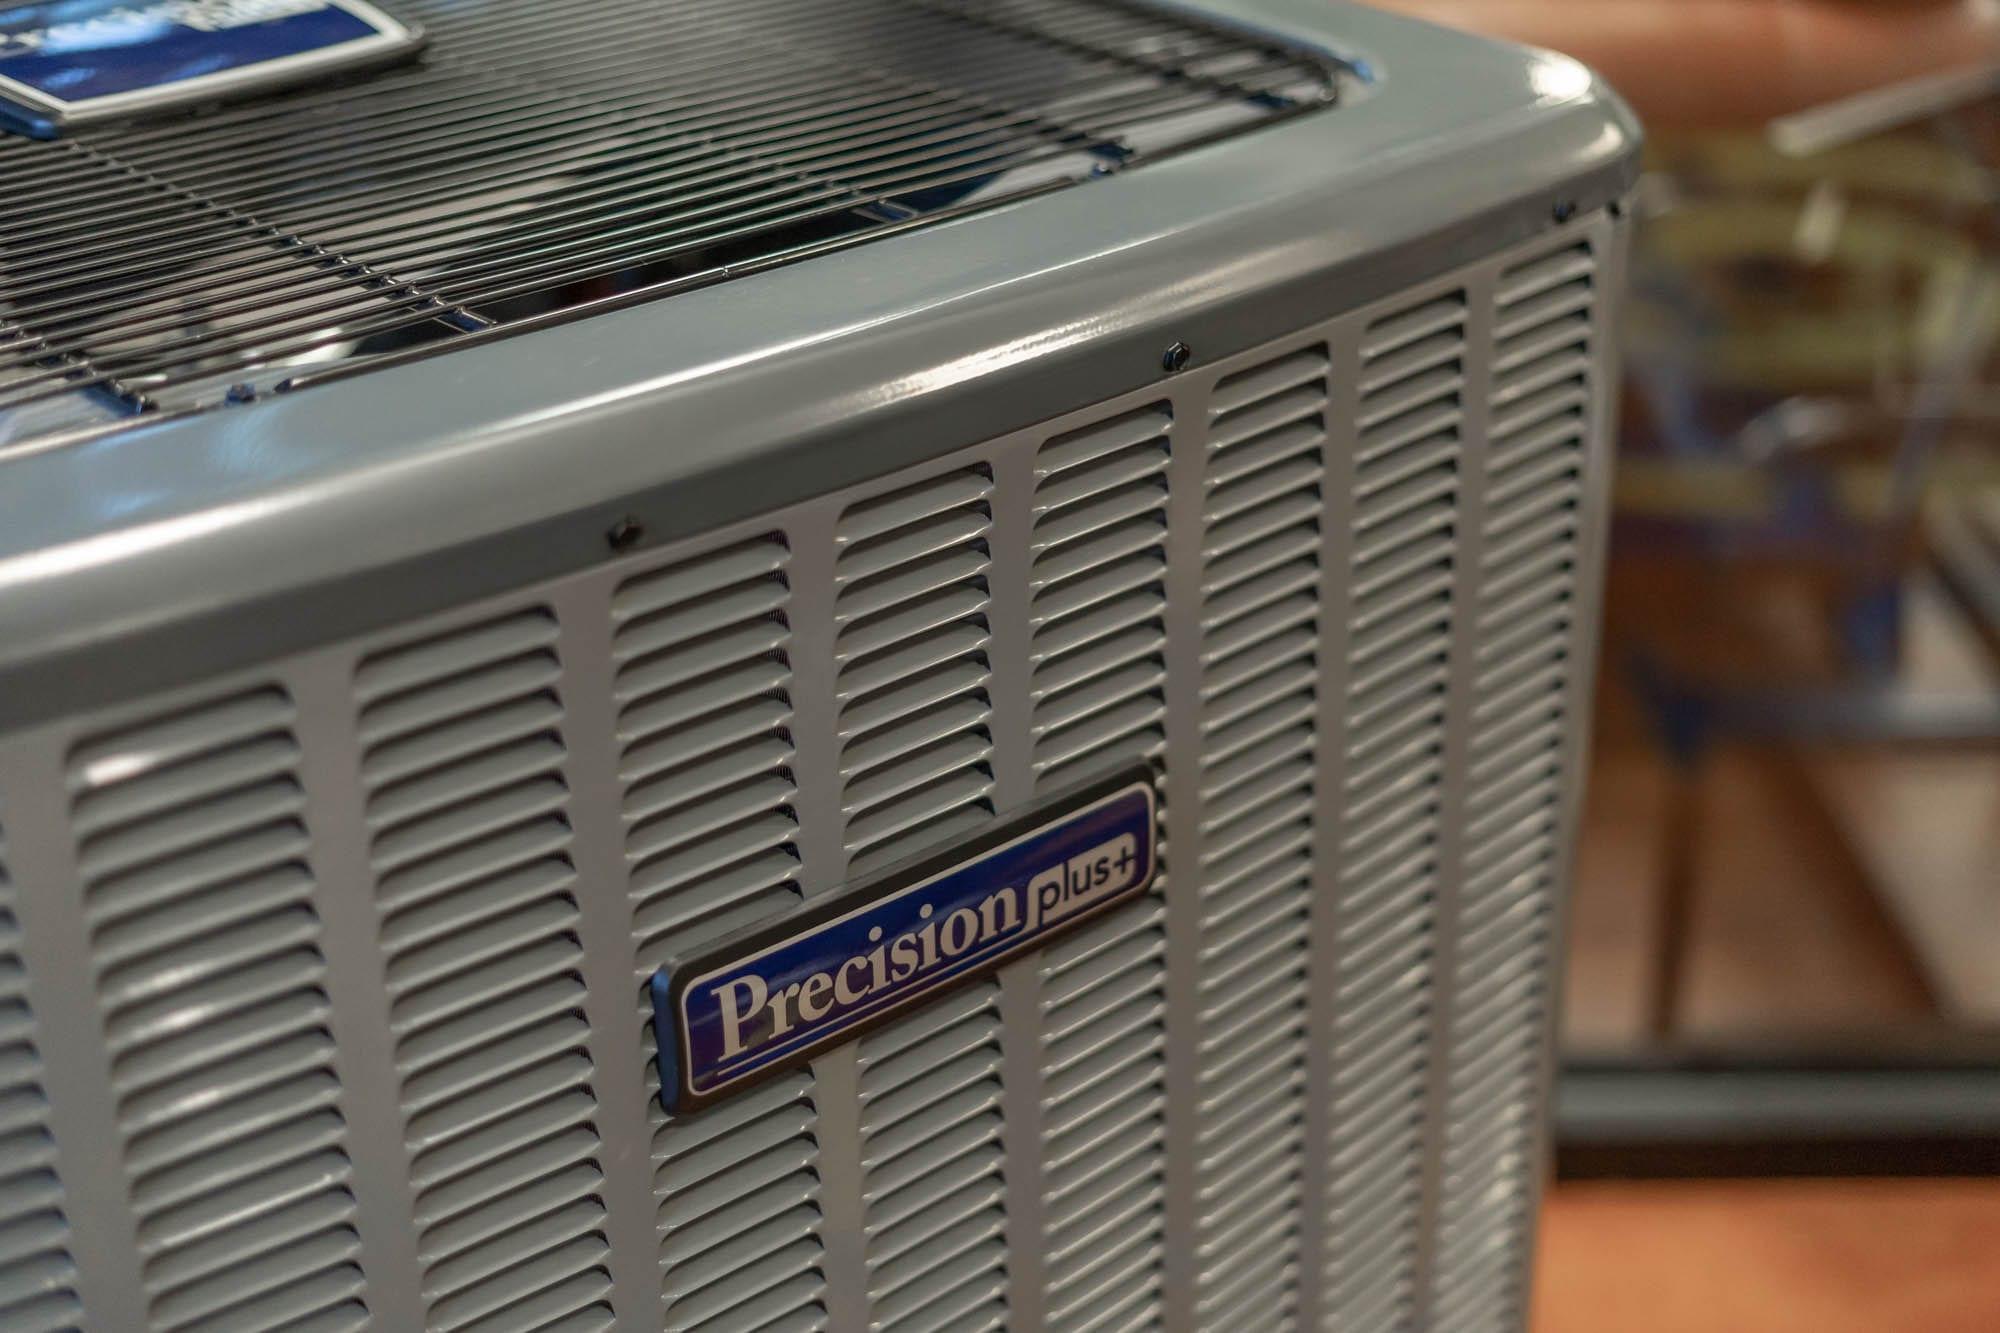 Precision | ac unit with Precision logo